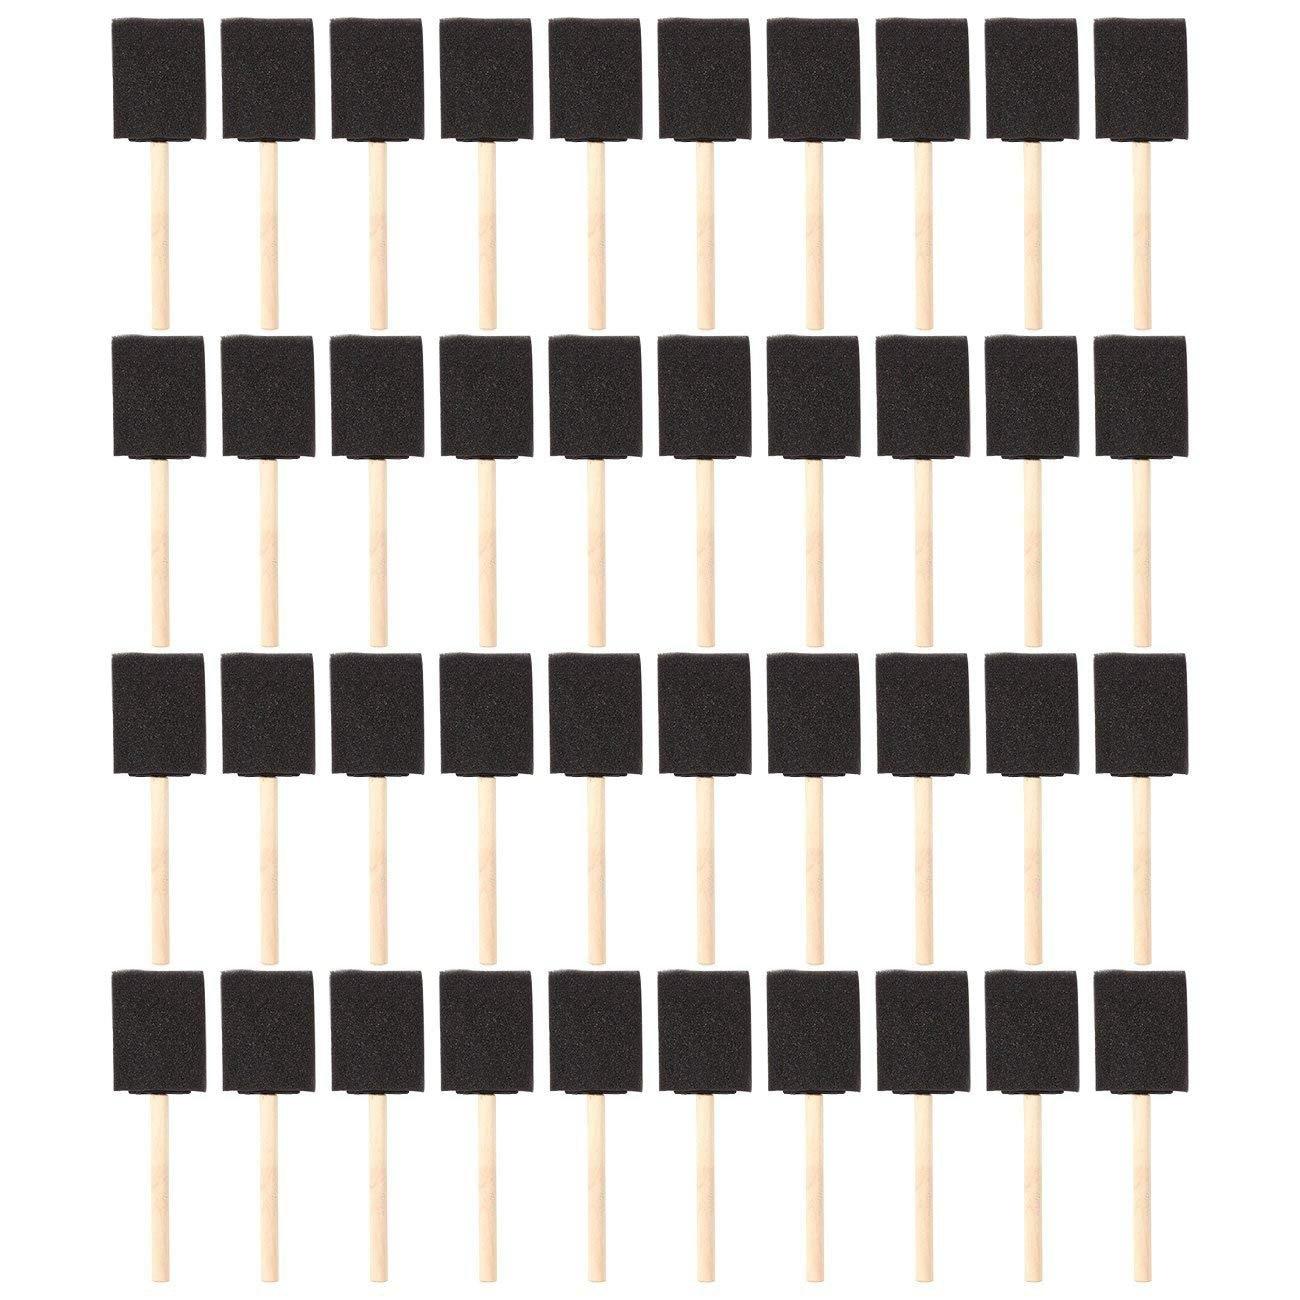 Ofis ve Okul Malzemeleri'ten Boya Fırçaları'de 2 inç Köpük Sünger Ahşap Saplı Boya Fırçası Seti (Değer 40 paket) Hafif  dayanıklı ve Akrilikler için  Lekeleri  Vernik title=